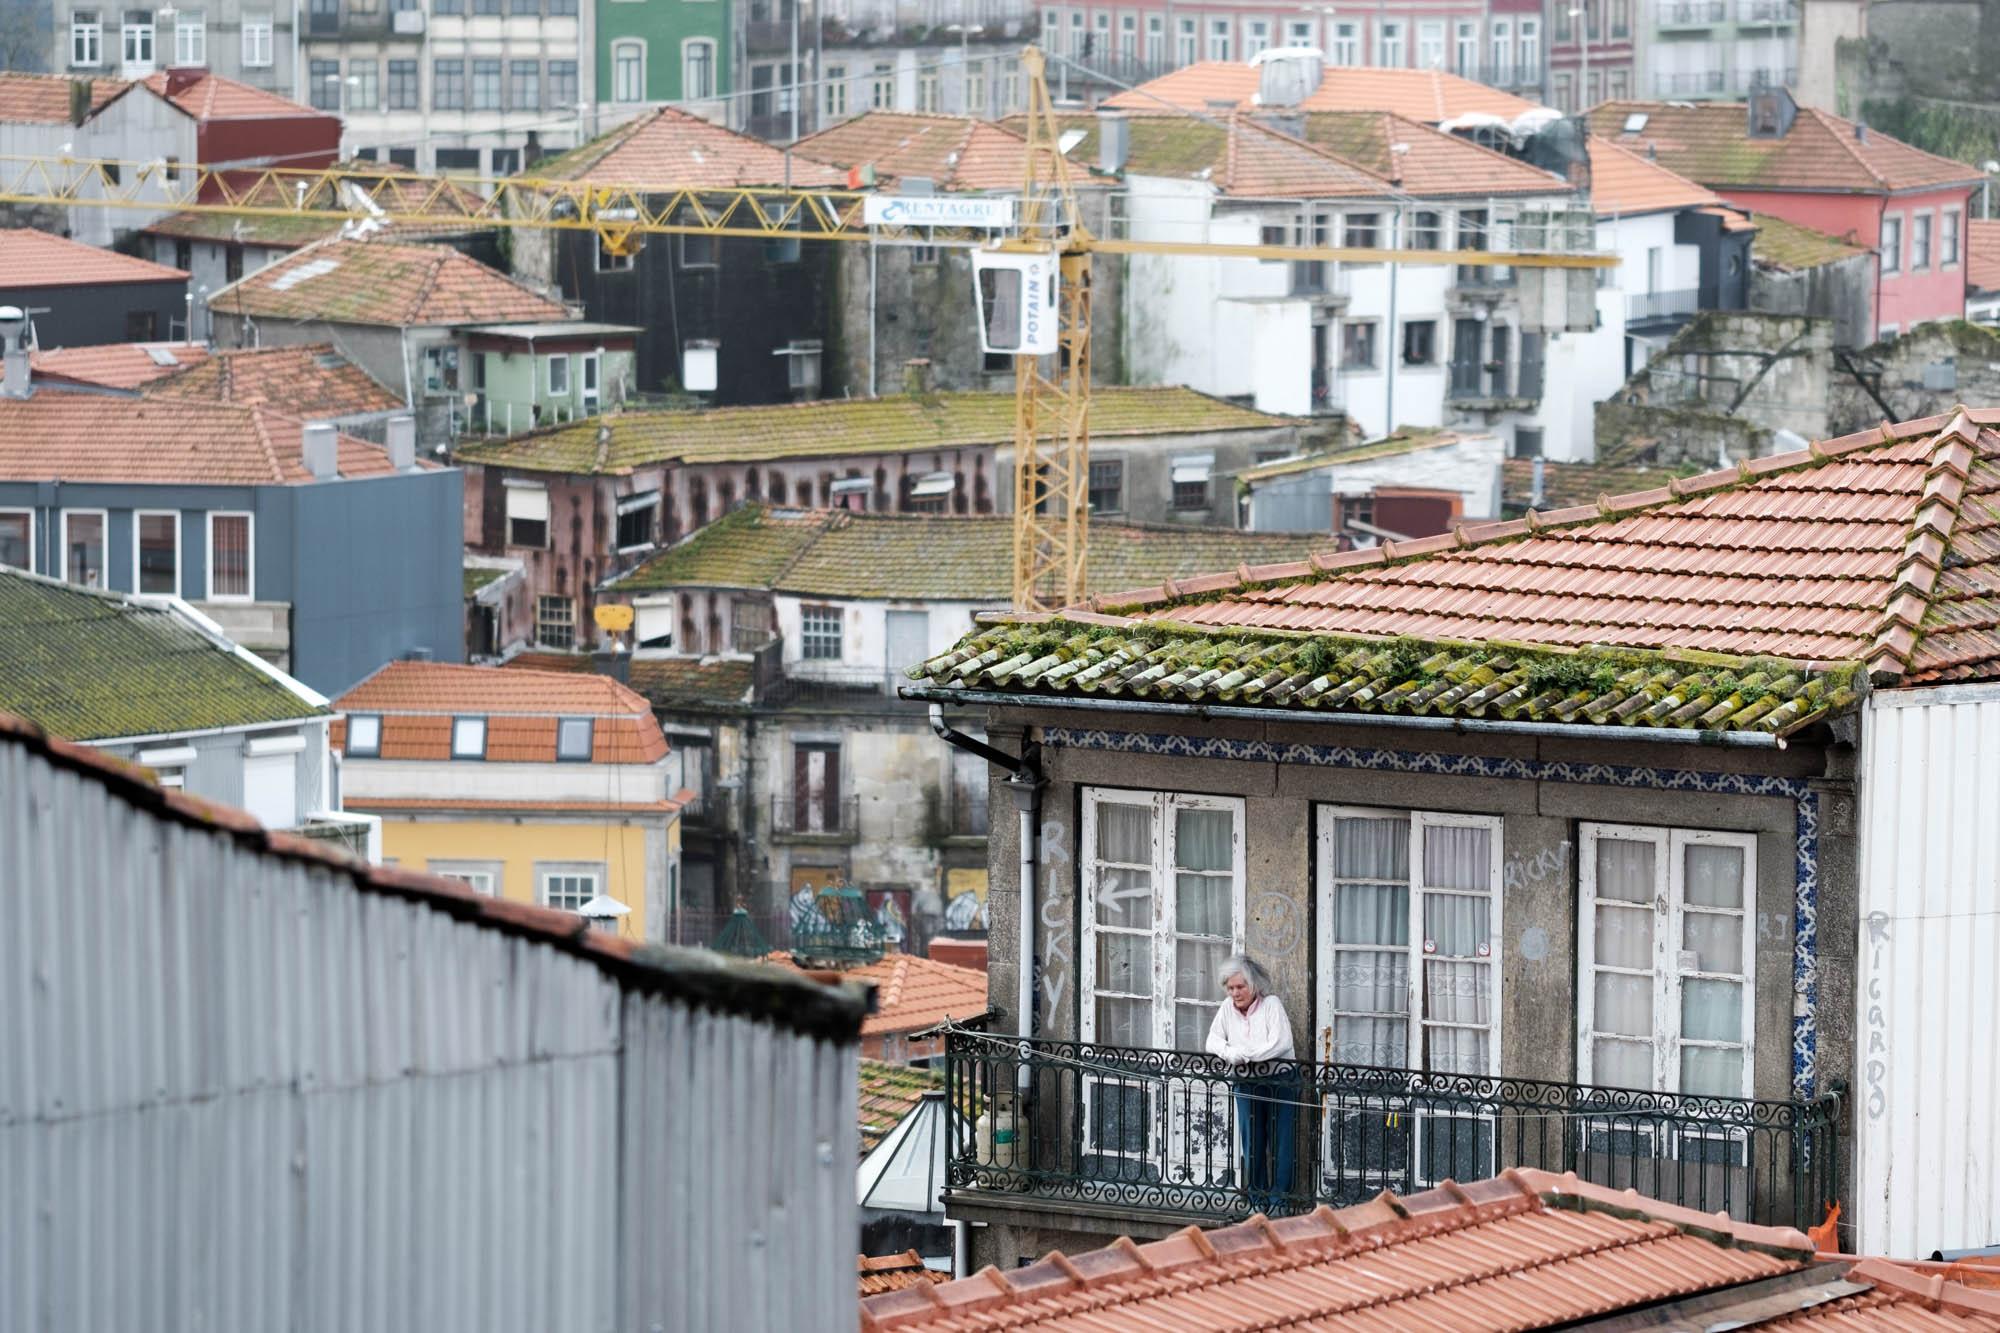 Dächer über Porto, Portugal